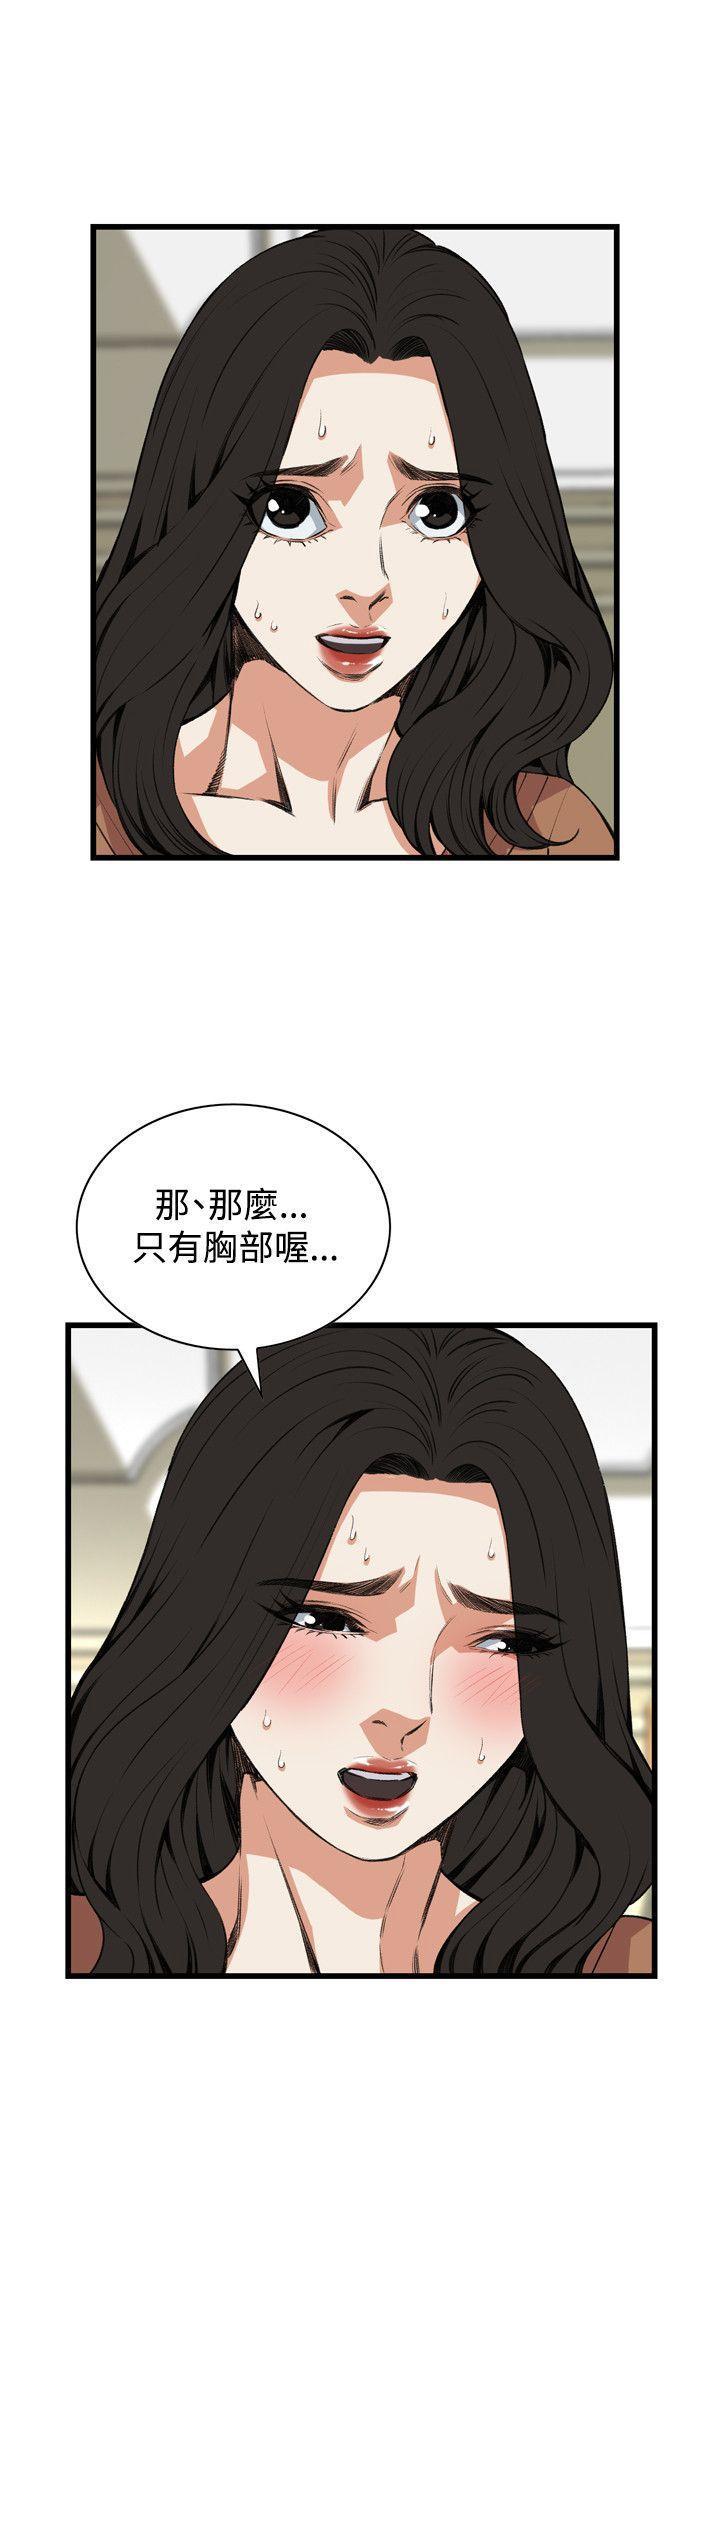 偷窥72-93 Chinese Rsiky 227